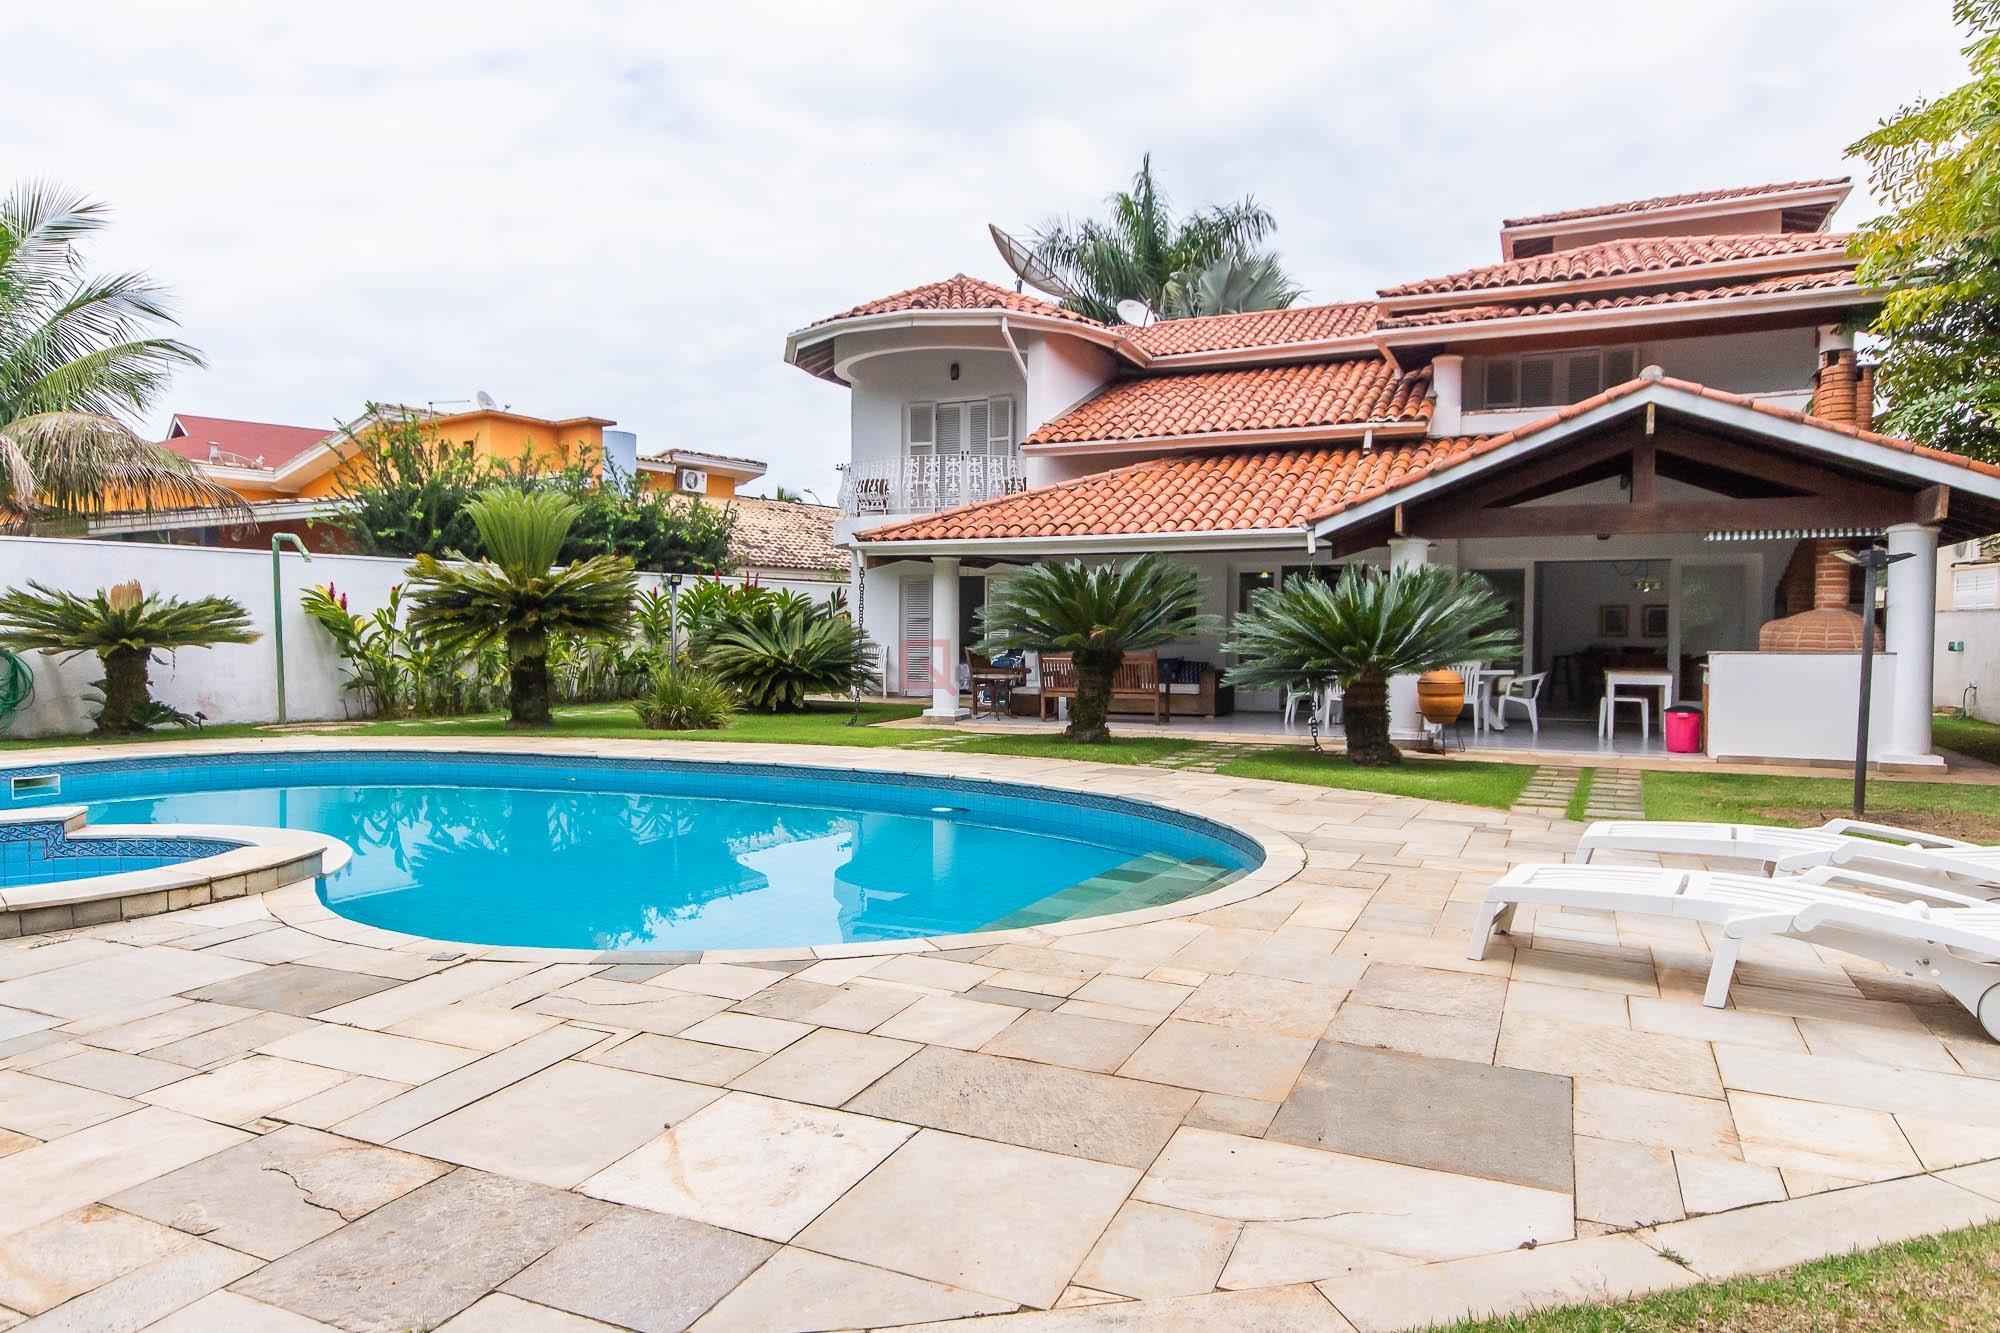 Casa com 4 dormitórios para temporada em Caraguatatuba, no bairro Tabatinga